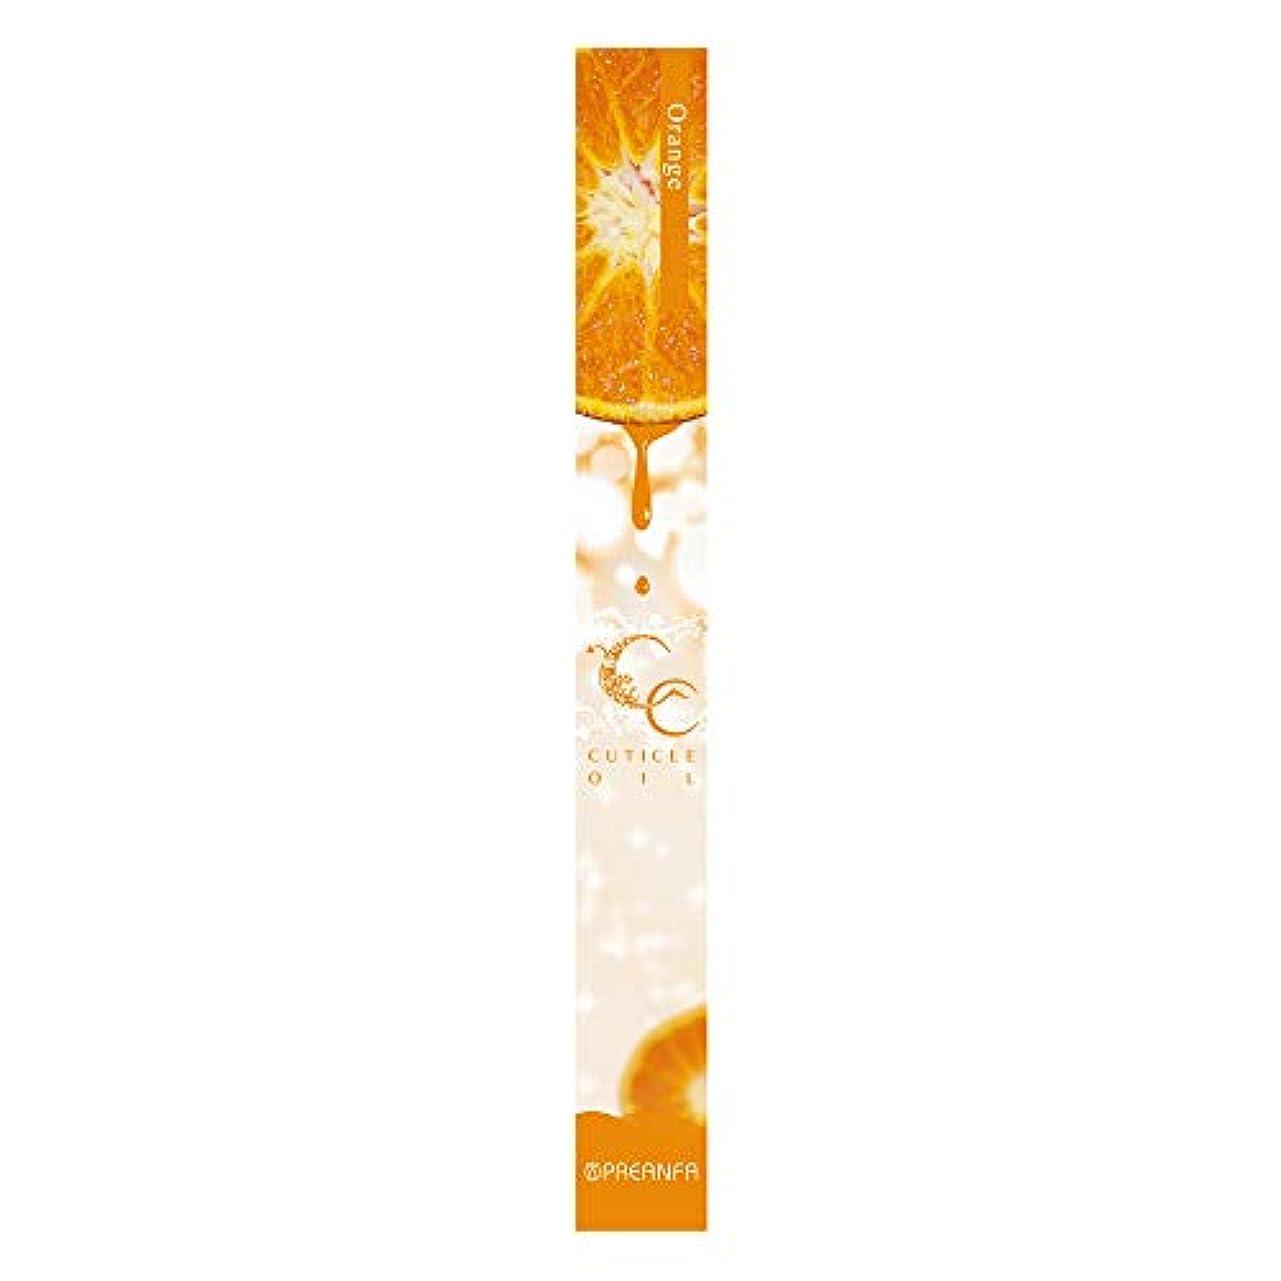 急流曖昧なペストプリジェル 甘皮ケア CCキューティクルオイル オレンジ 4.5g 保湿オイル ペンタイプ